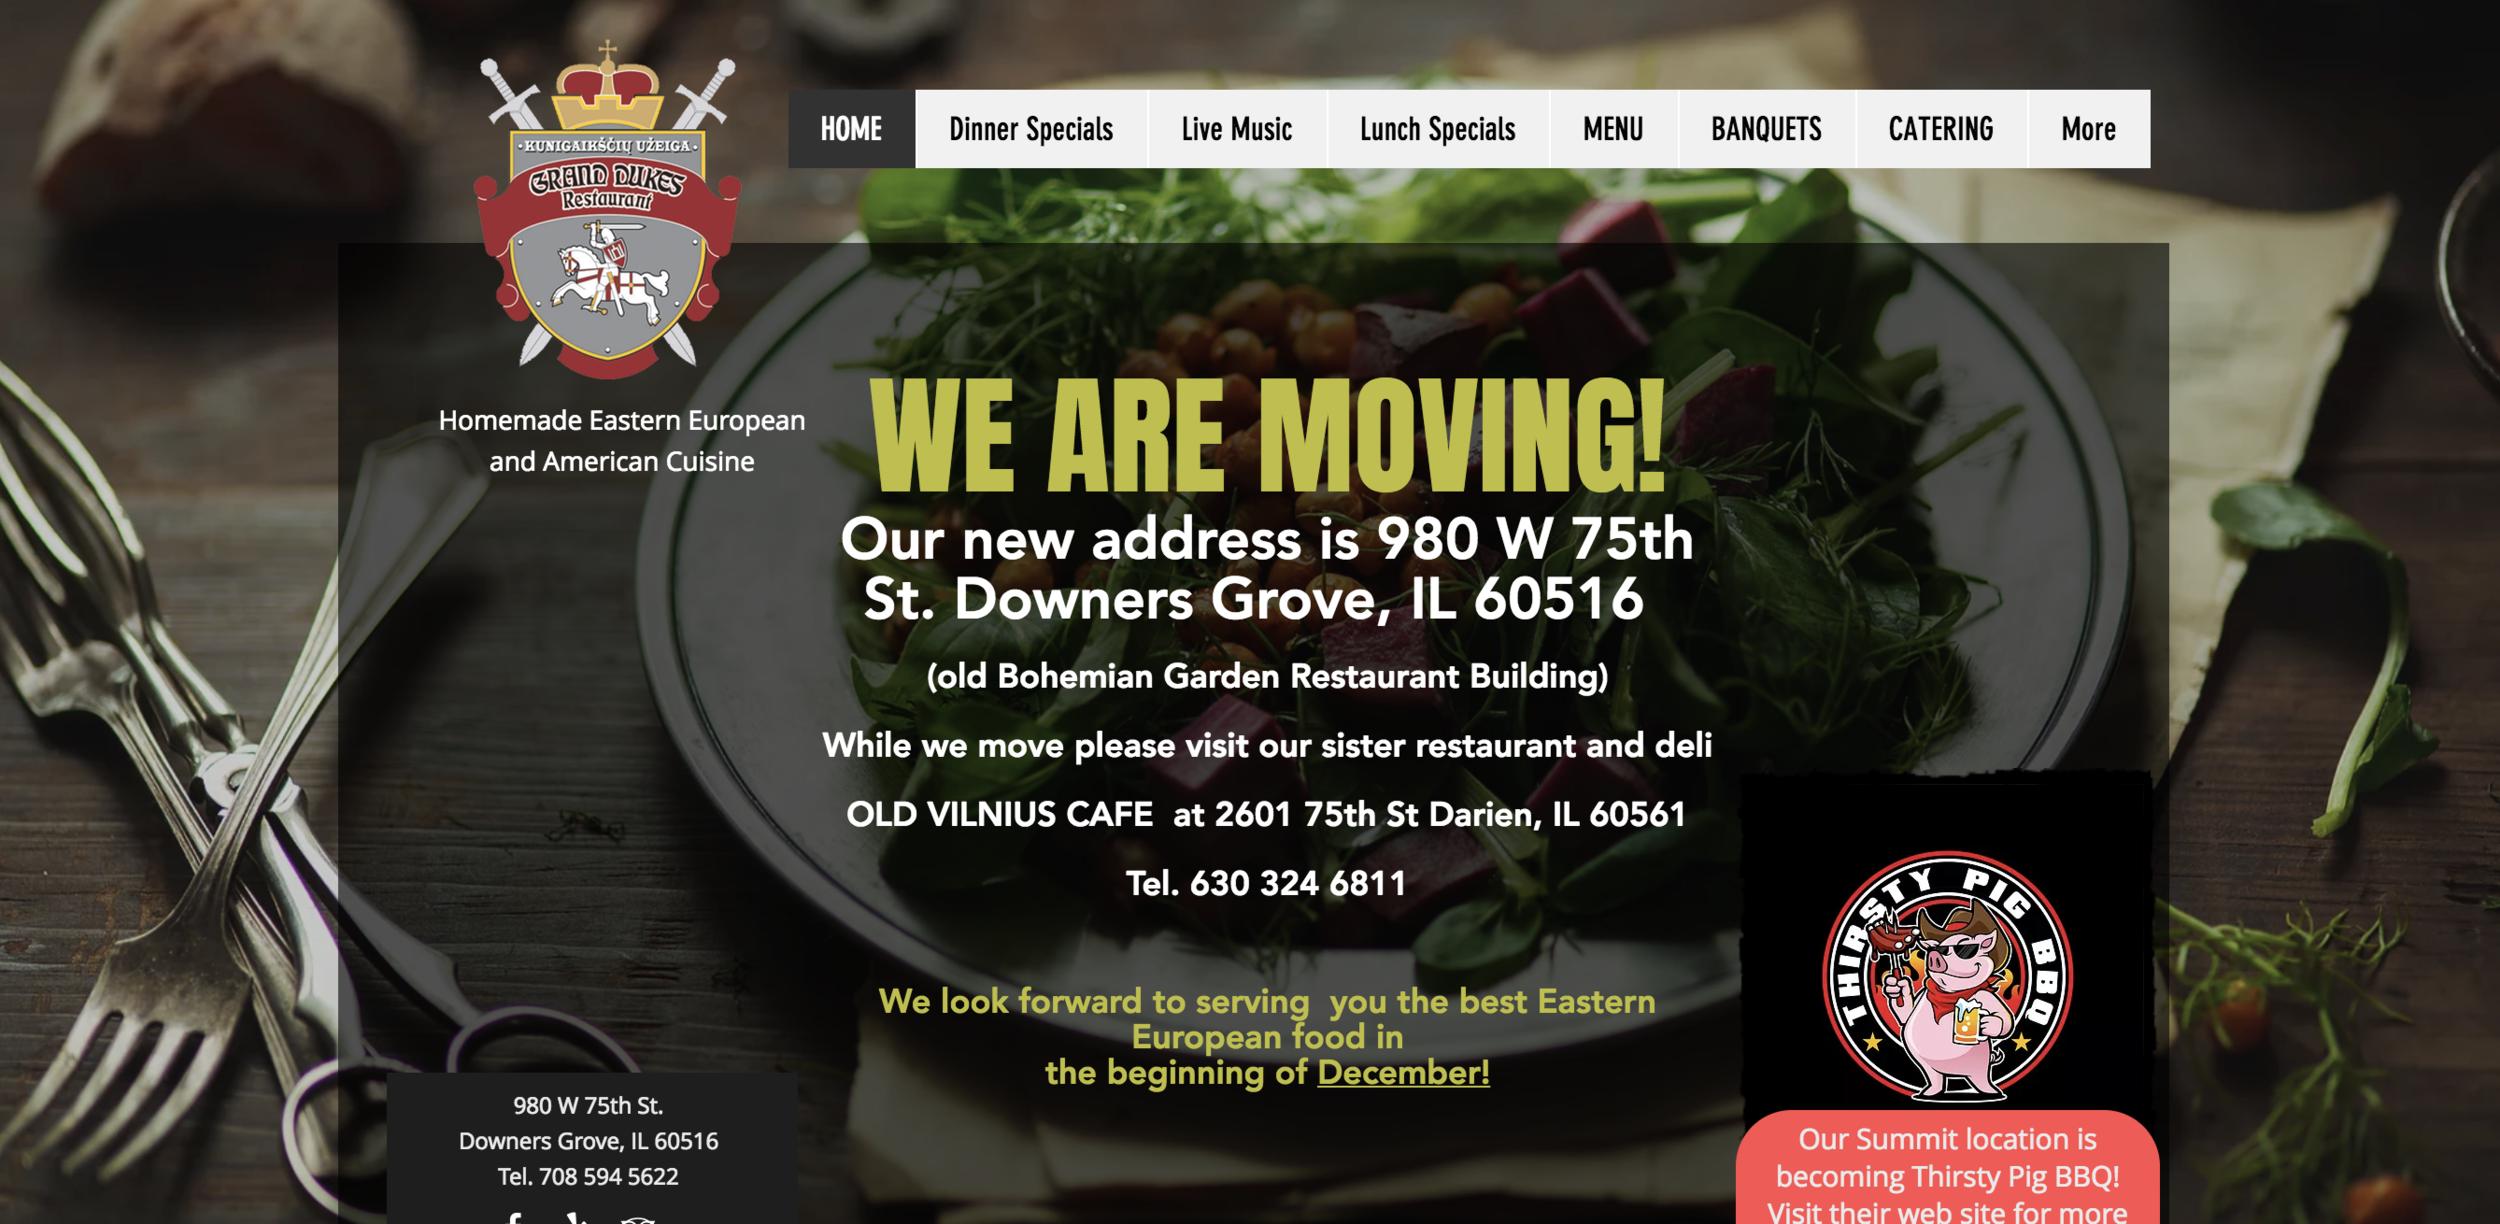 Duke's Eatery & Deli | 980 W. 75th St, Downers Grove, IL 60516 | 630.324.6811